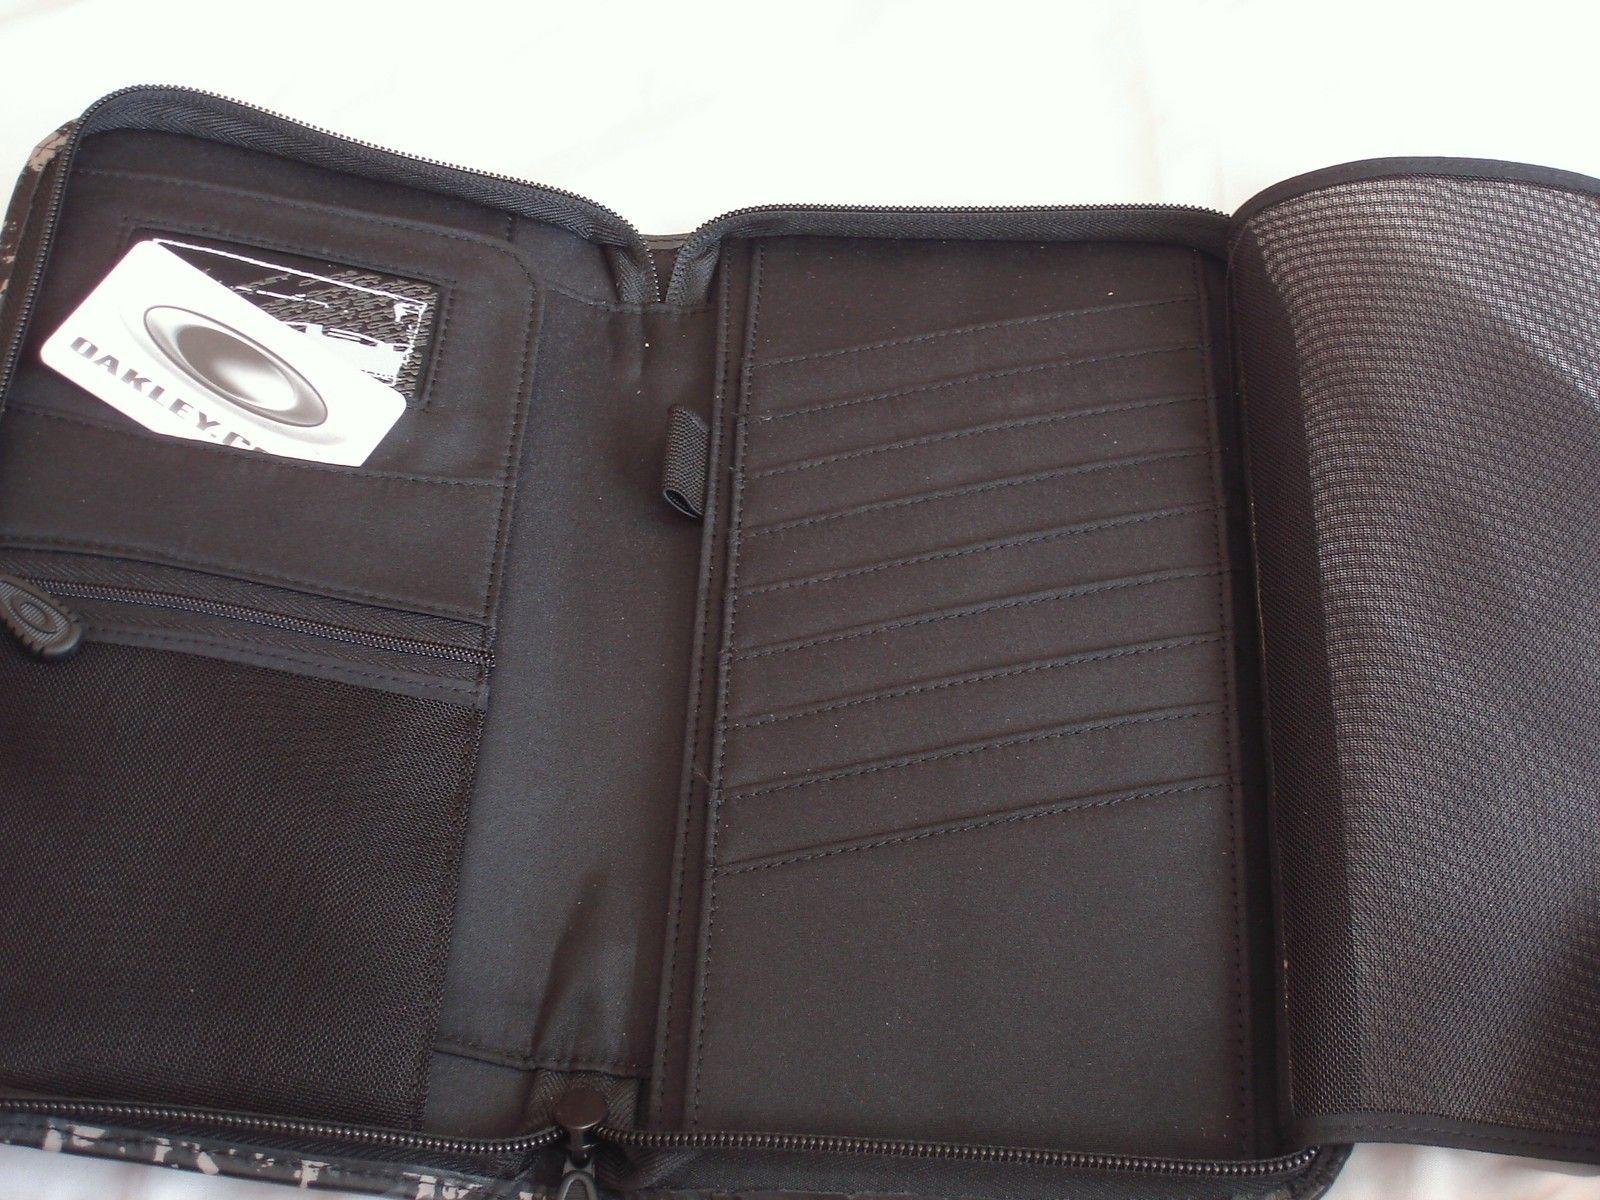 Flight Deck 3.0 Travel Wallet 95040-001 Black Camo - travel wallet 4.JPG